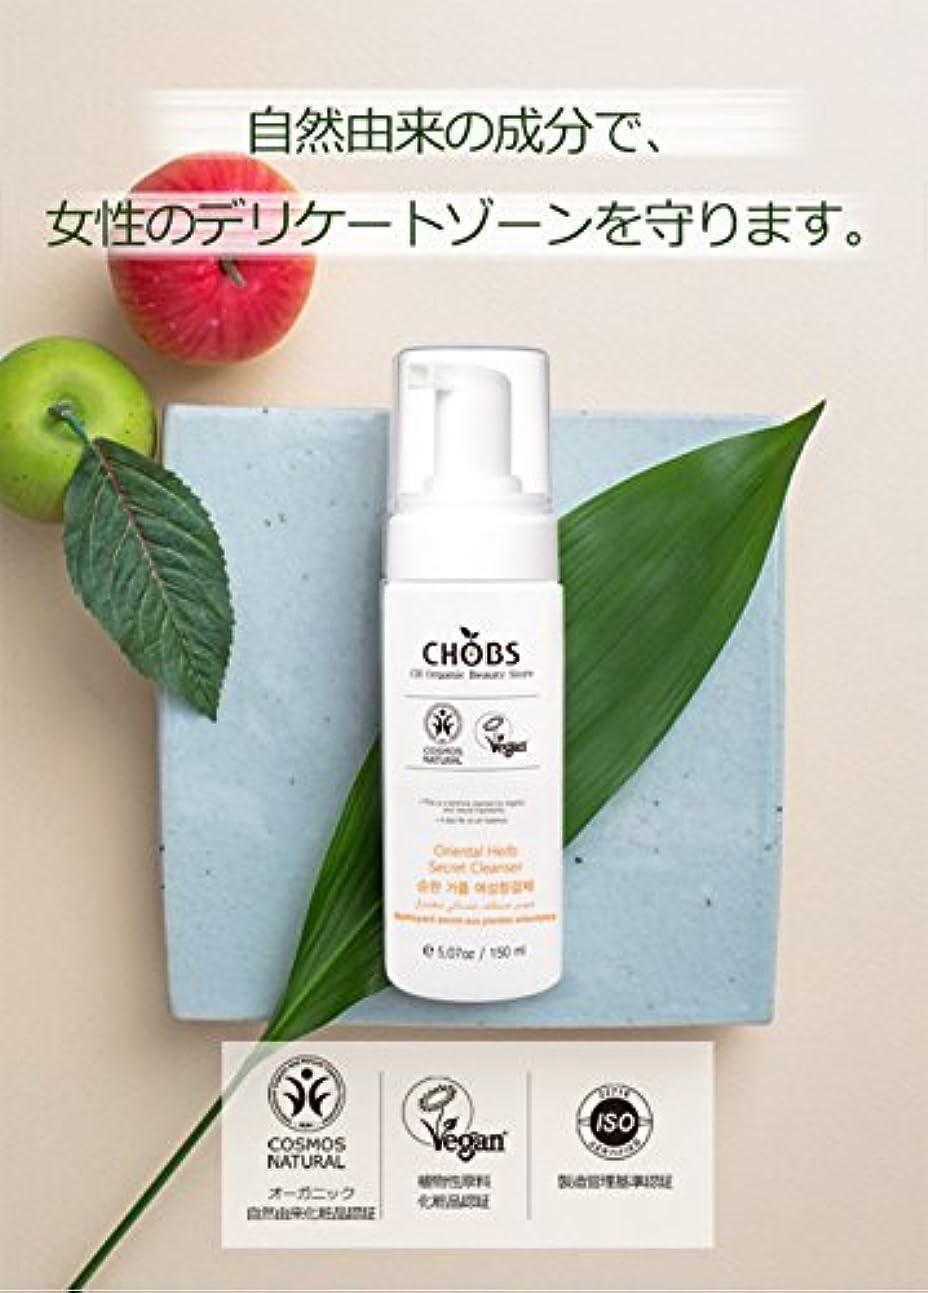 精神医学達成する匹敵しますオーガニック清潔ケアクレンザー 天然化粧品 韓国コスメ 低刺激